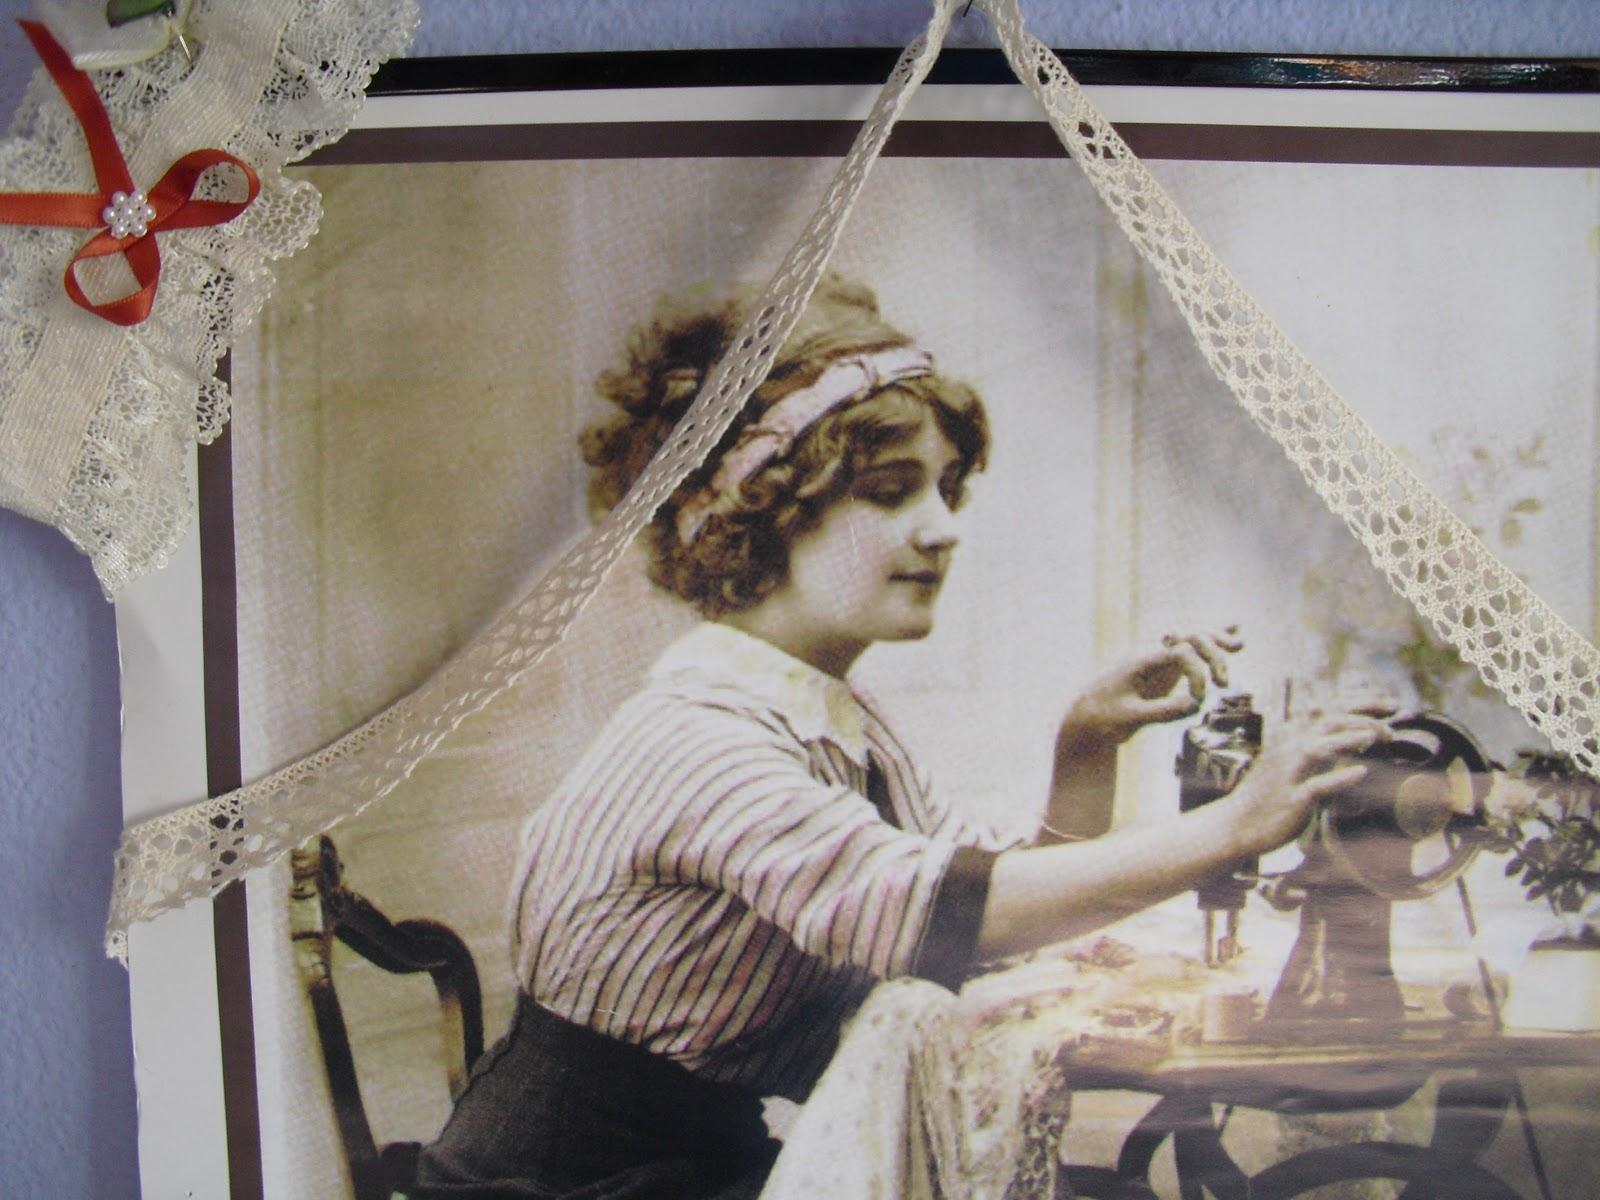 Tejiendo y creando el sabor de lo antiguo - El taller de lo antiguo ...